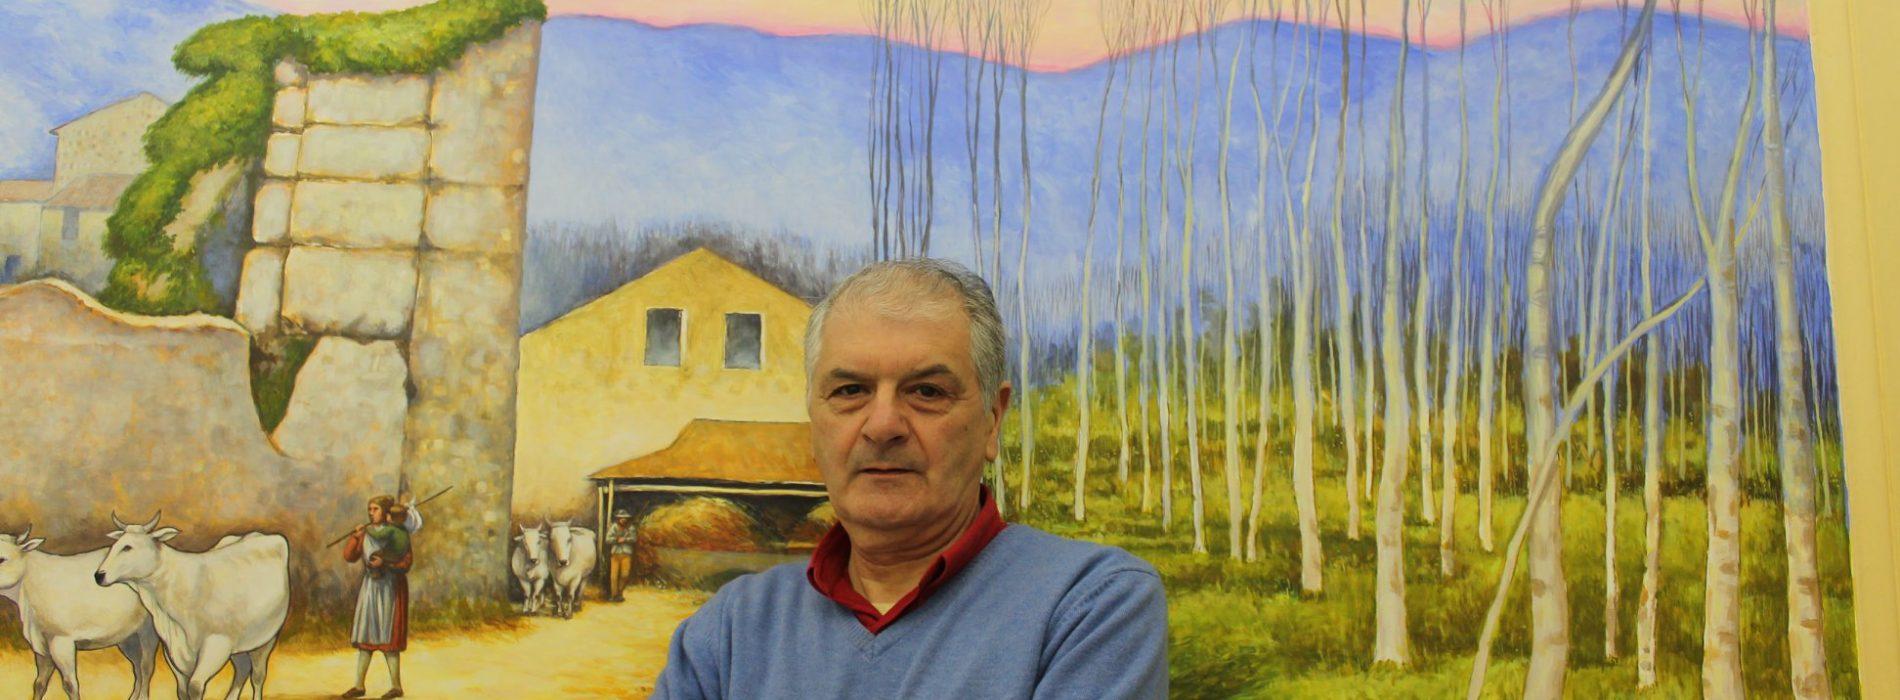 Itinerari Culturali Alifani, ecco il nuovo libro di Gianni Parisi